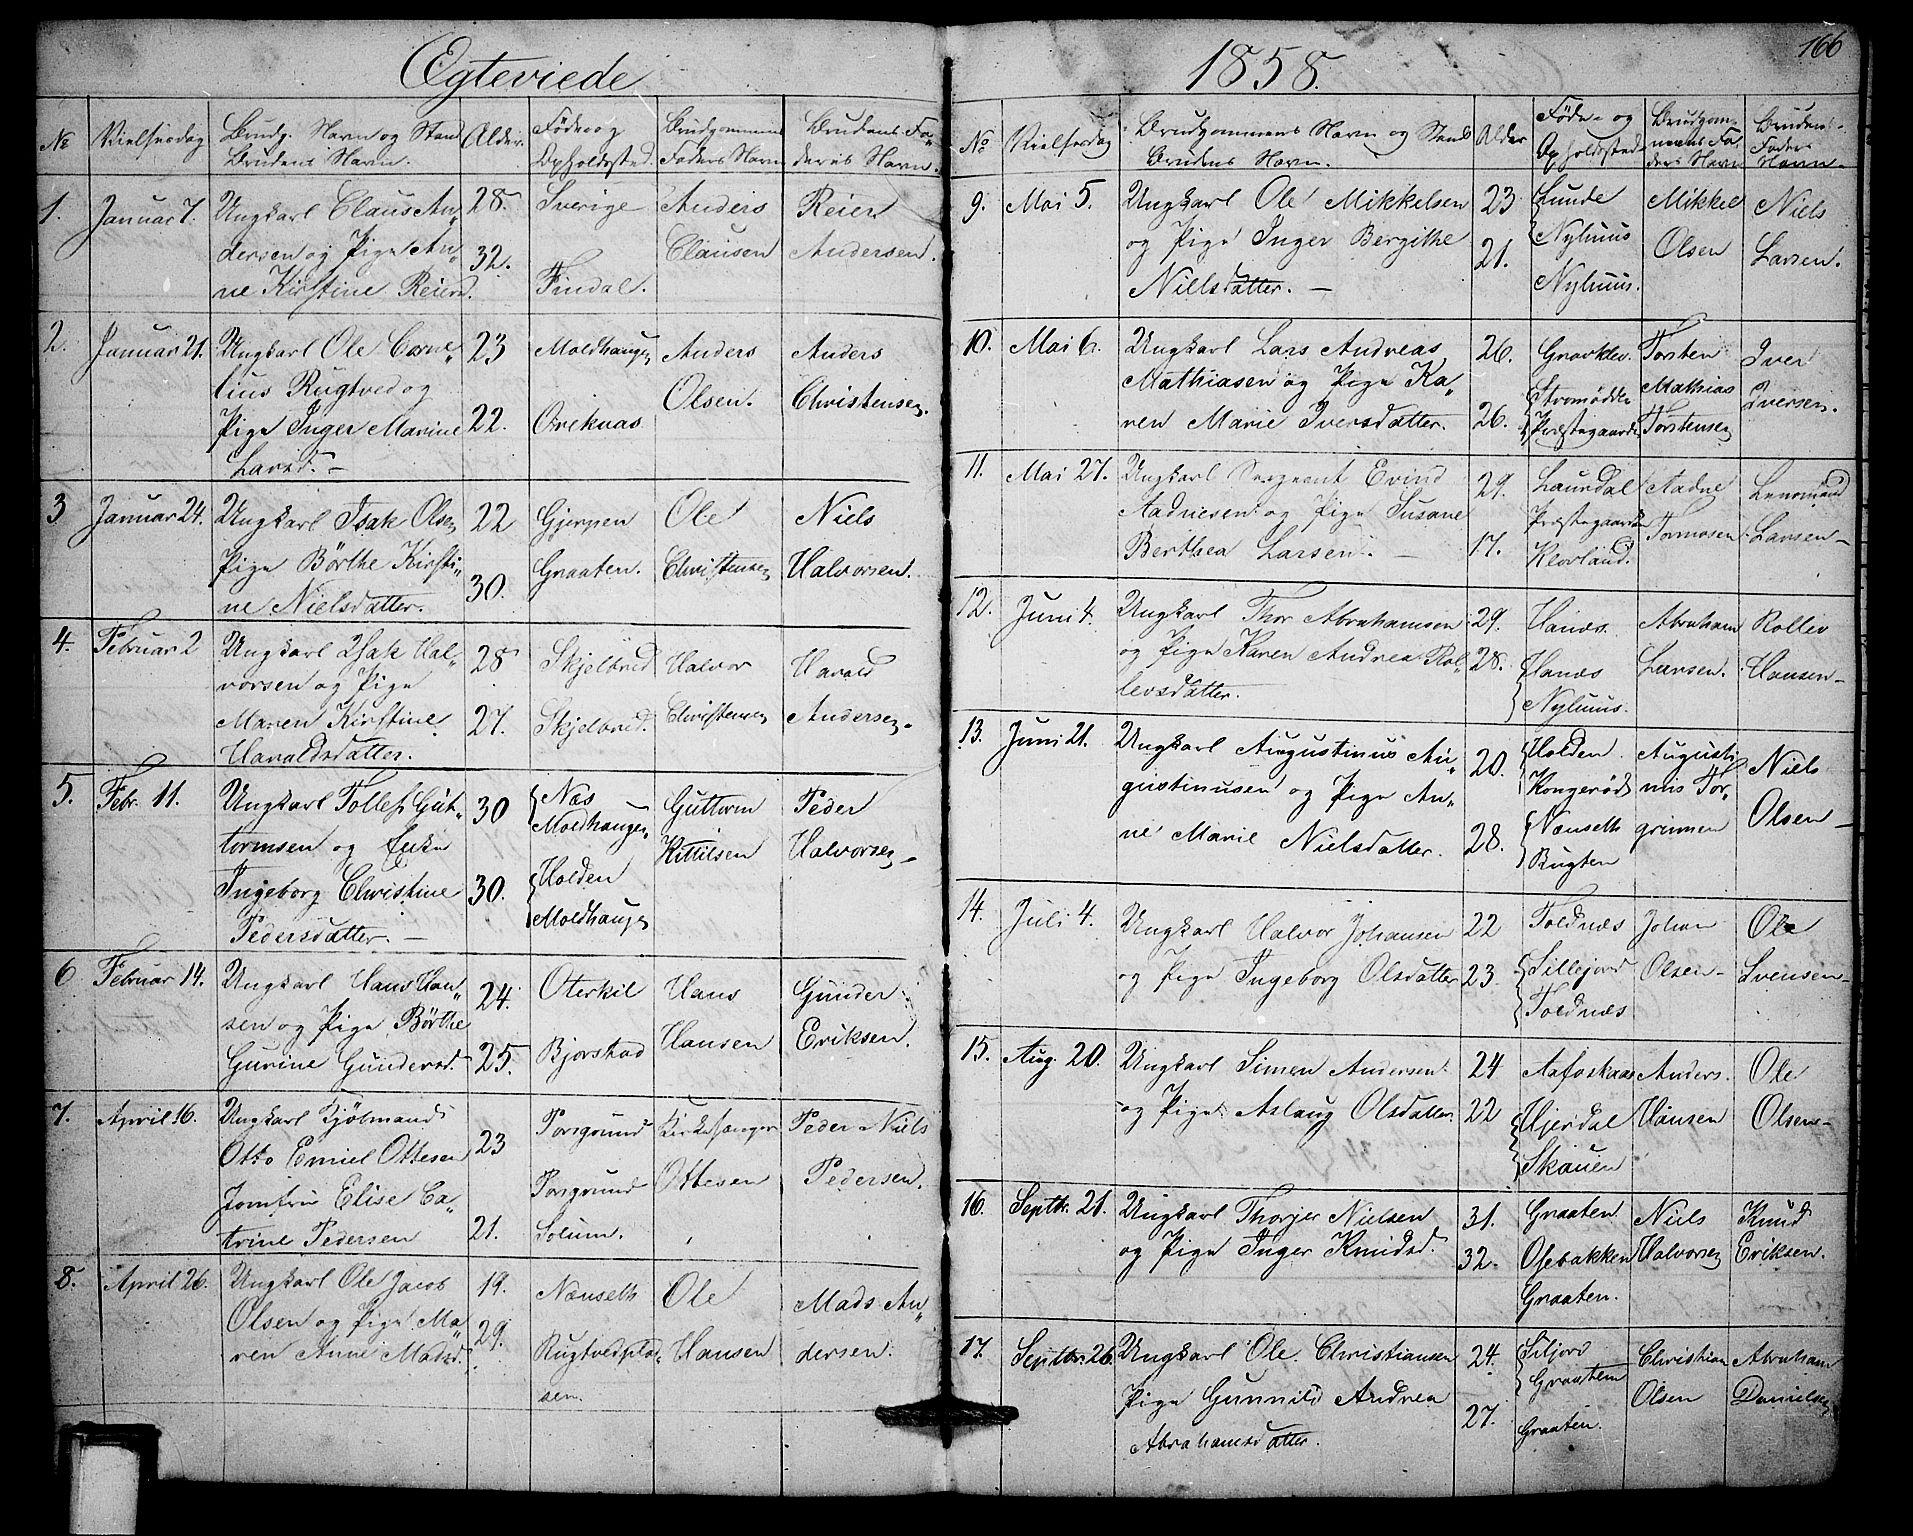 SAKO, Solum kirkebøker, G/Ga/L0003: Klokkerbok nr. I 3, 1848-1859, s. 166